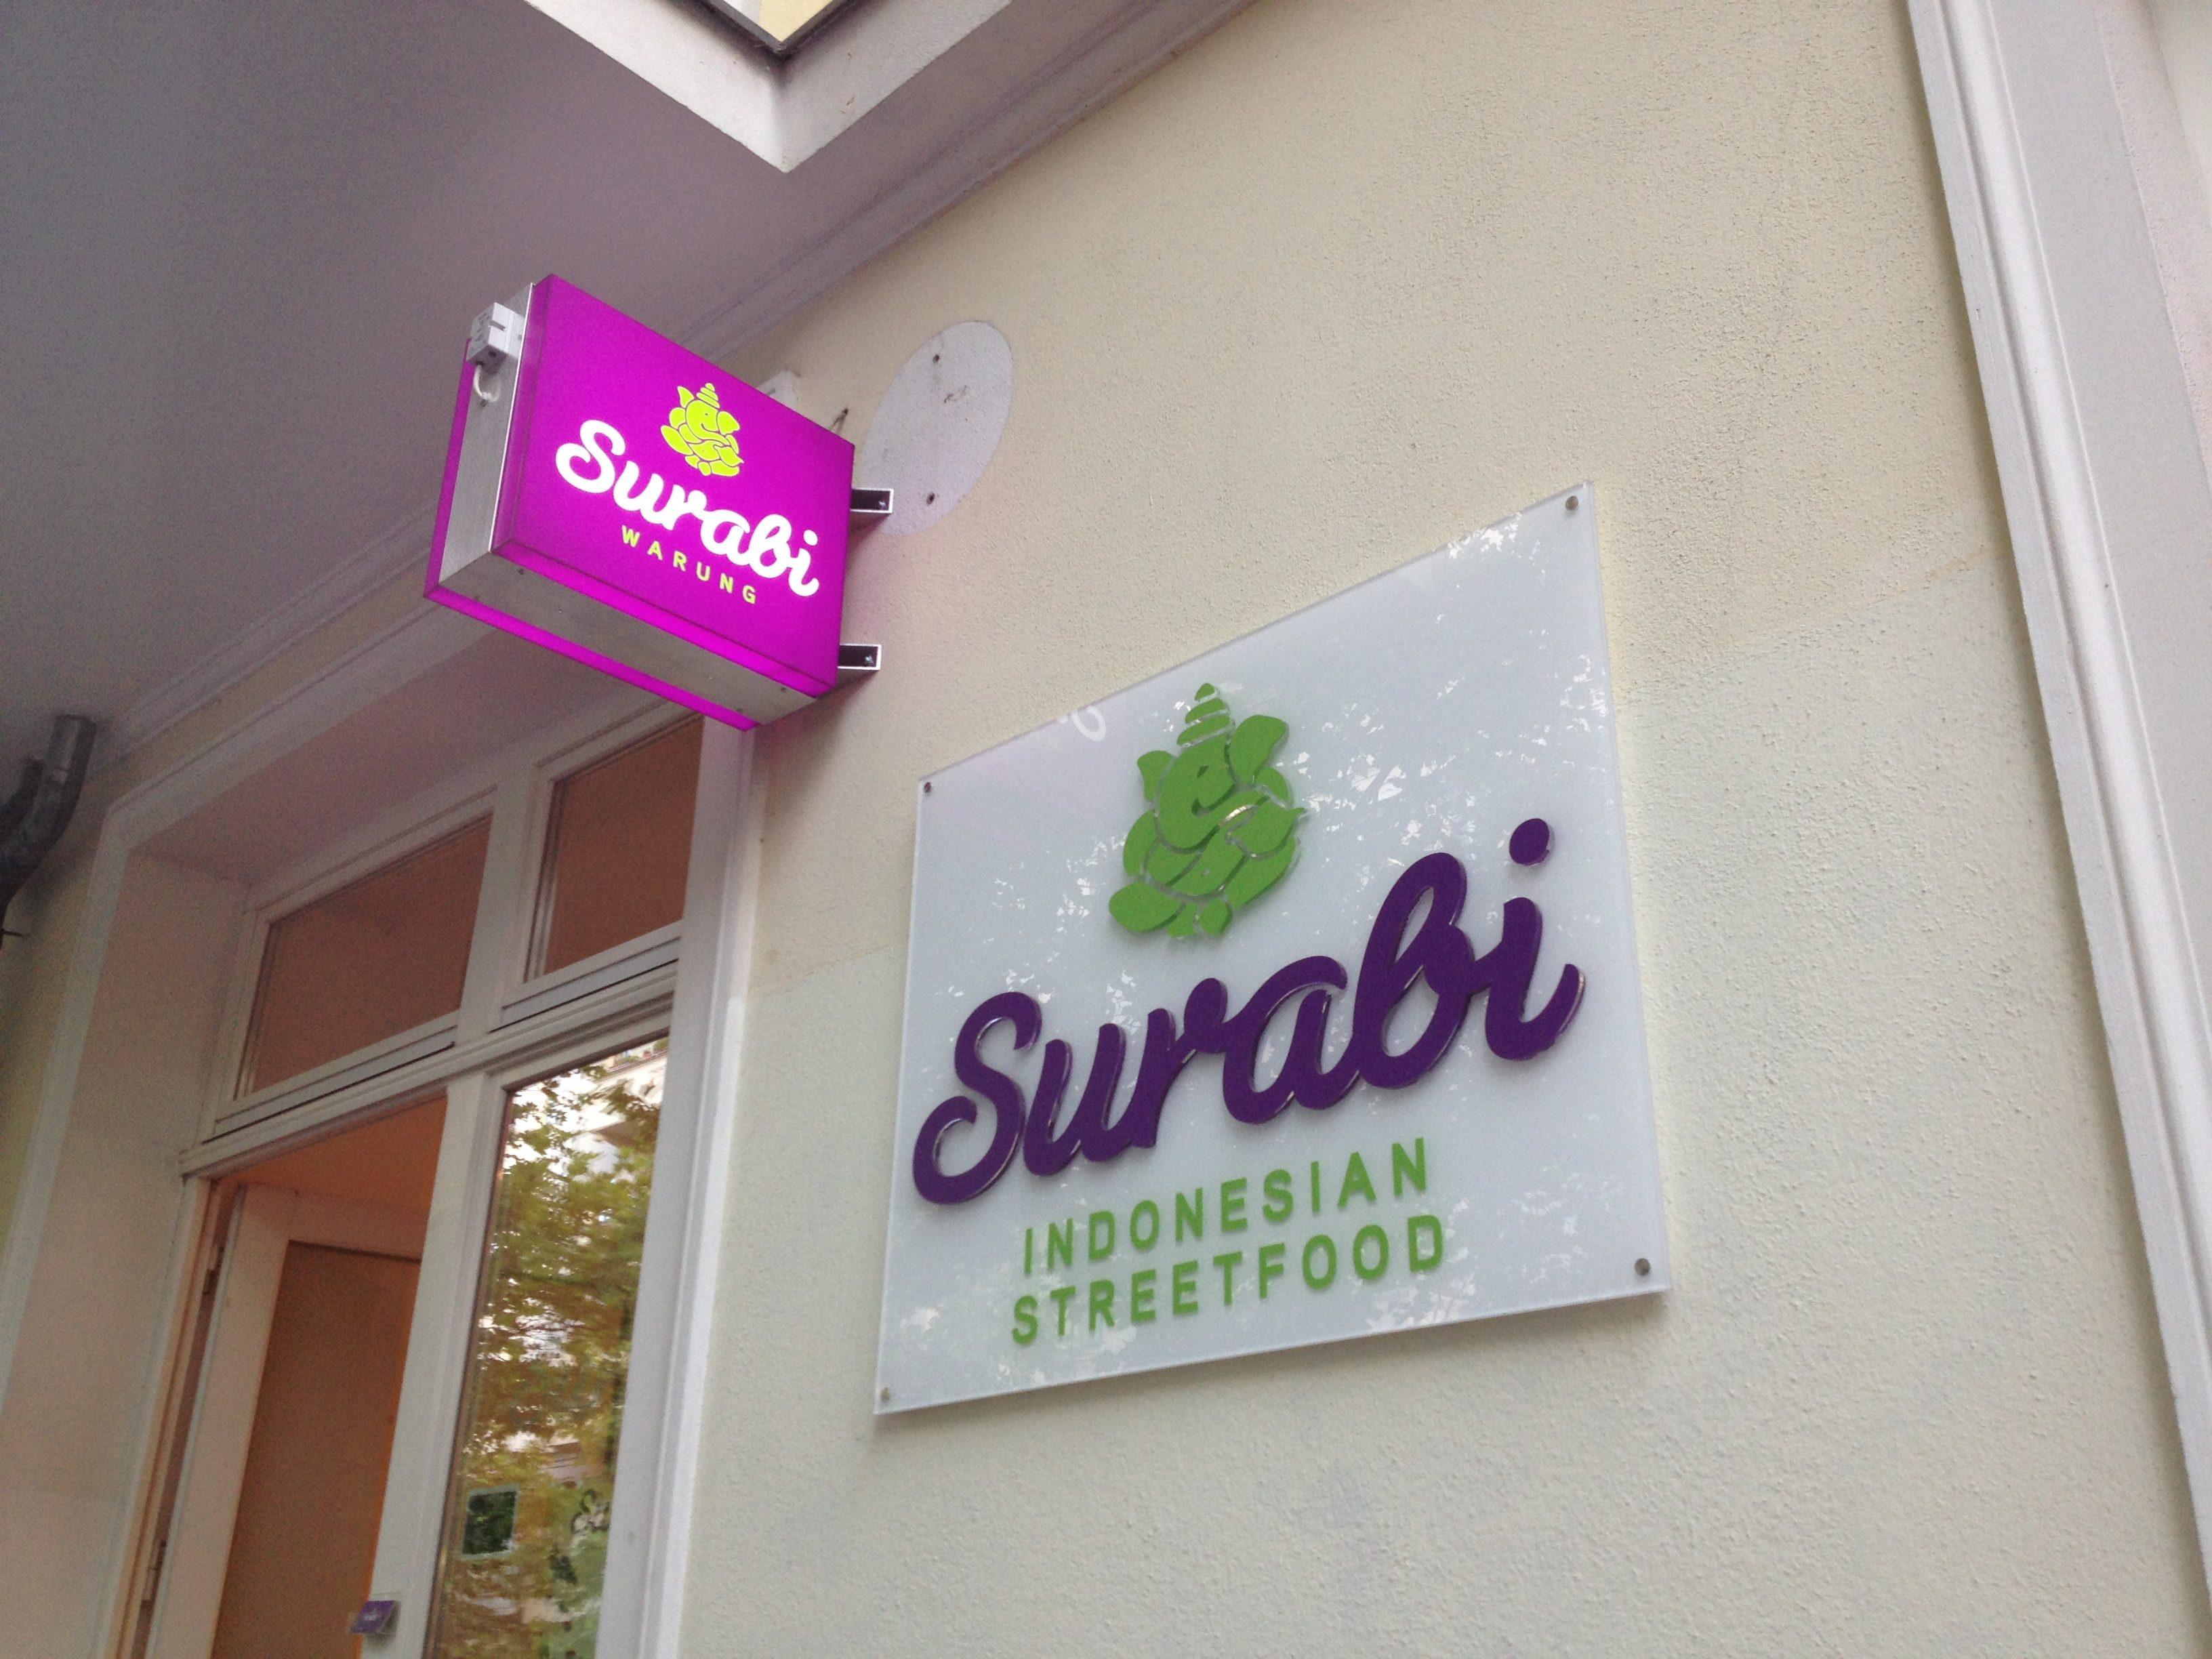 Surabi ist ein traditionelles indonesisches Streetfood aus West-Java und wird nun auch in der Hufelandstraße in Prenzlauer Berg serviert.